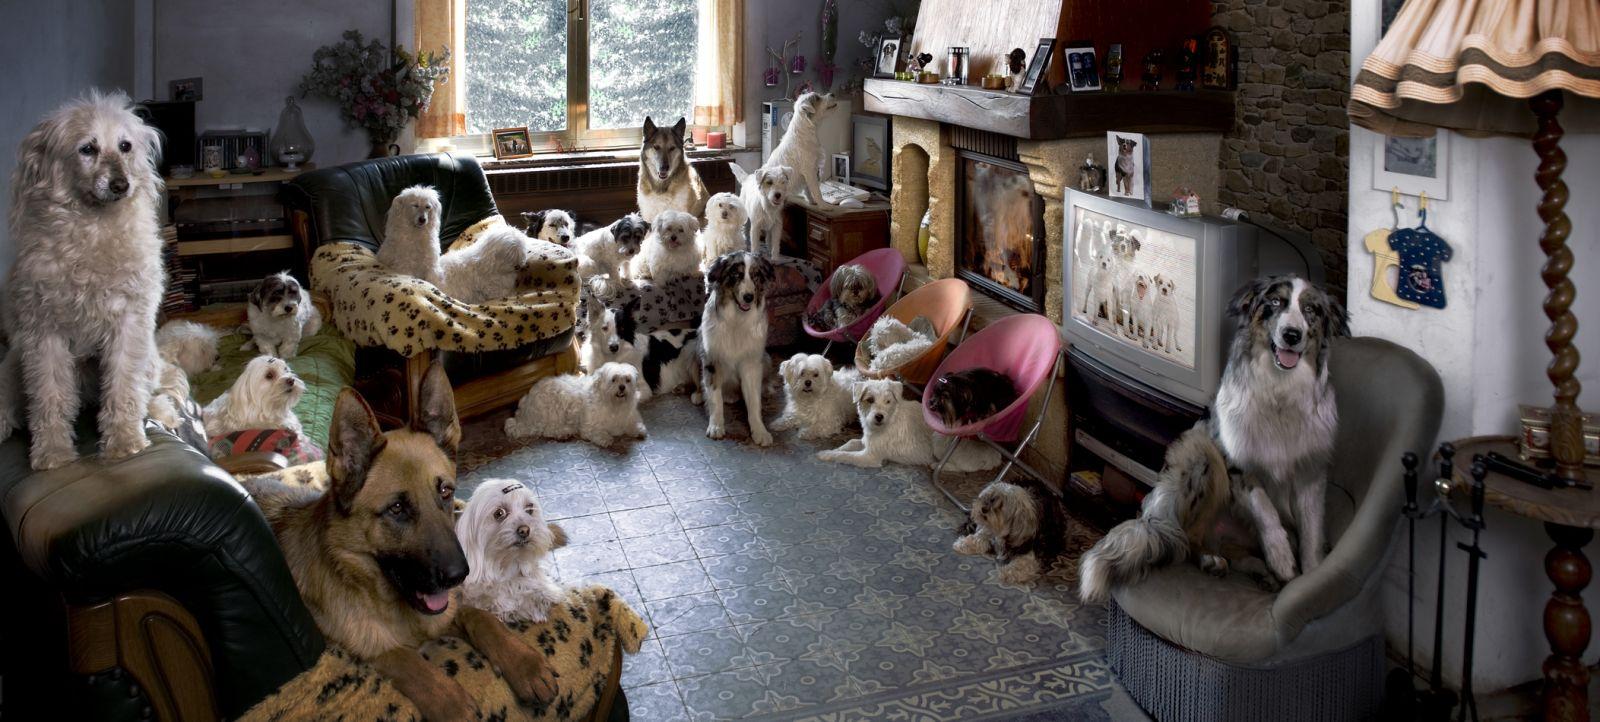 Гостиницы для домашних животных: как выбрать? - фото №1